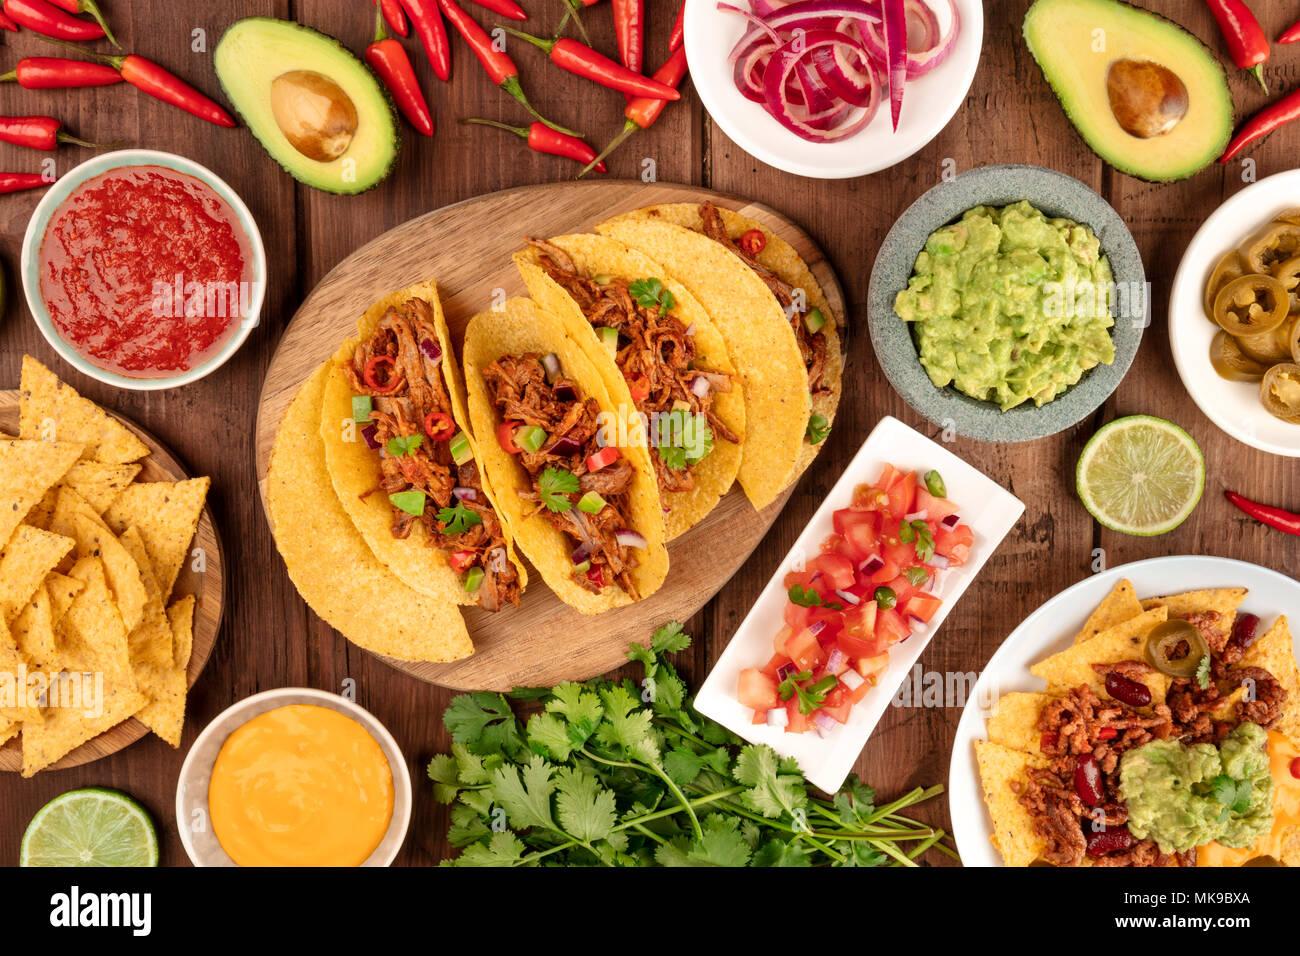 Ein Foto von einem ssortment von vielen verschiedenen mexikanischen Tapas, wie Tacos, Guacamole, Pico de Gallo, Nachos und andere Stockfoto